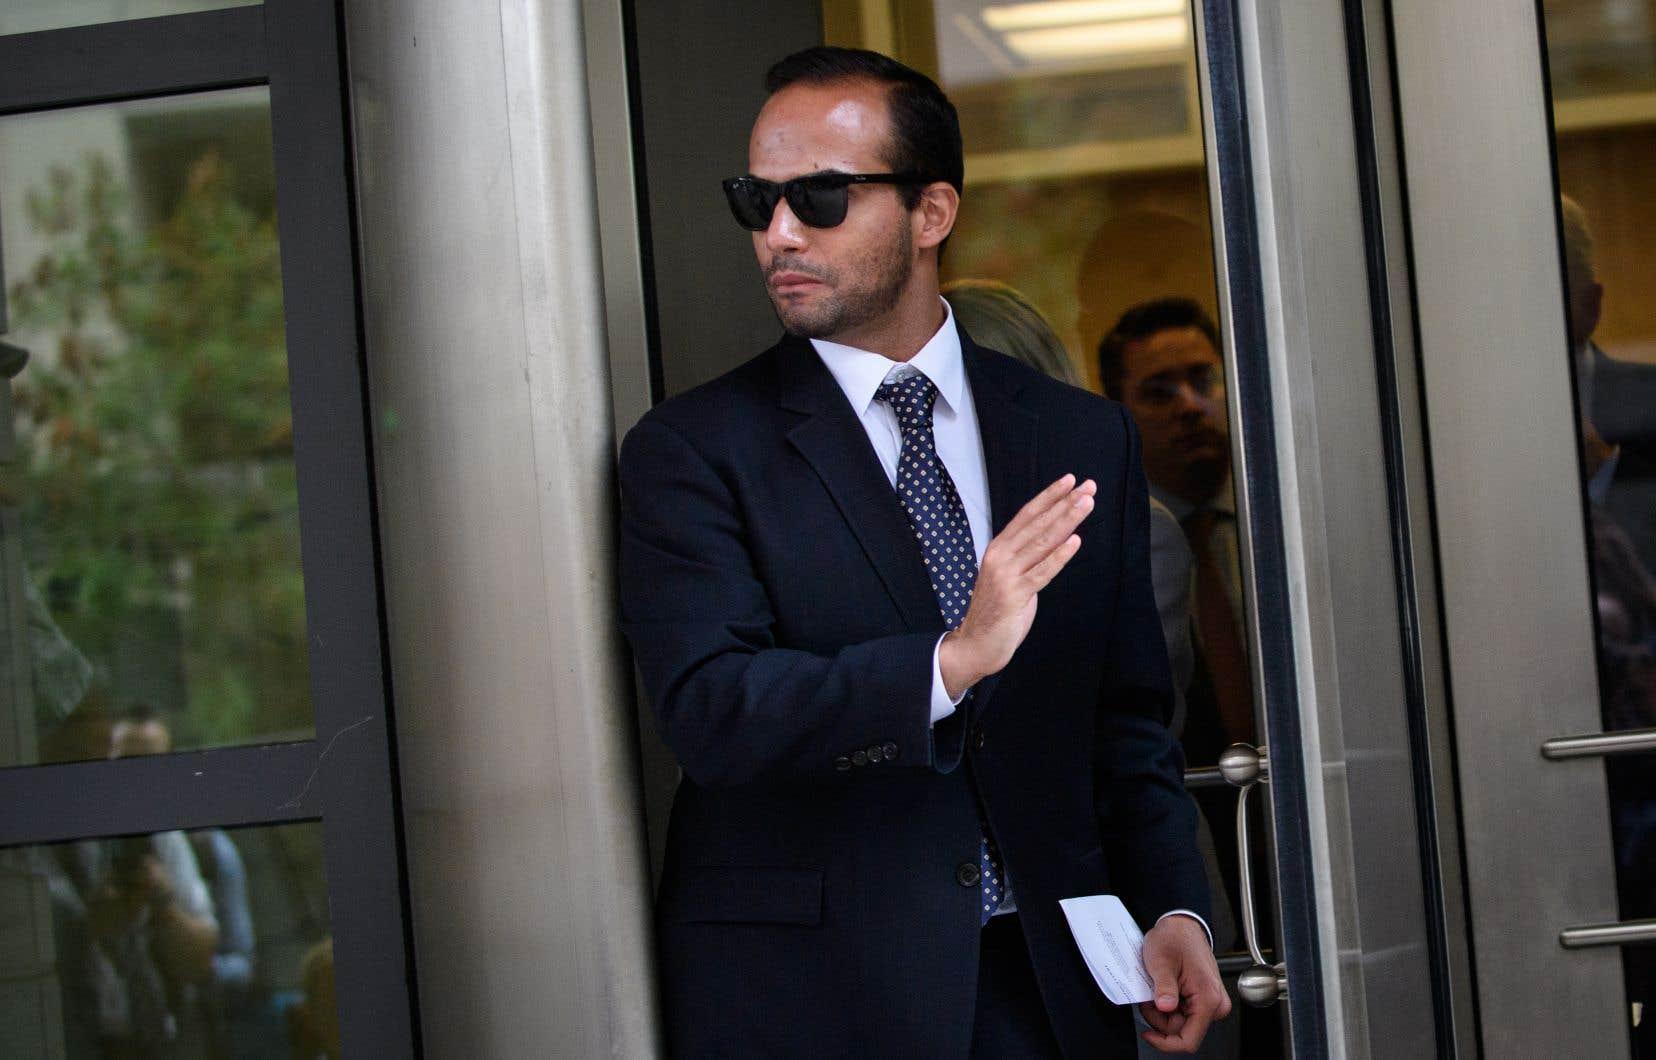 George Papadopoulosa écopé d'une amende de 9 500 dollars et d'un an de libération conditionnelle assortie de travaux d'intérêt général.